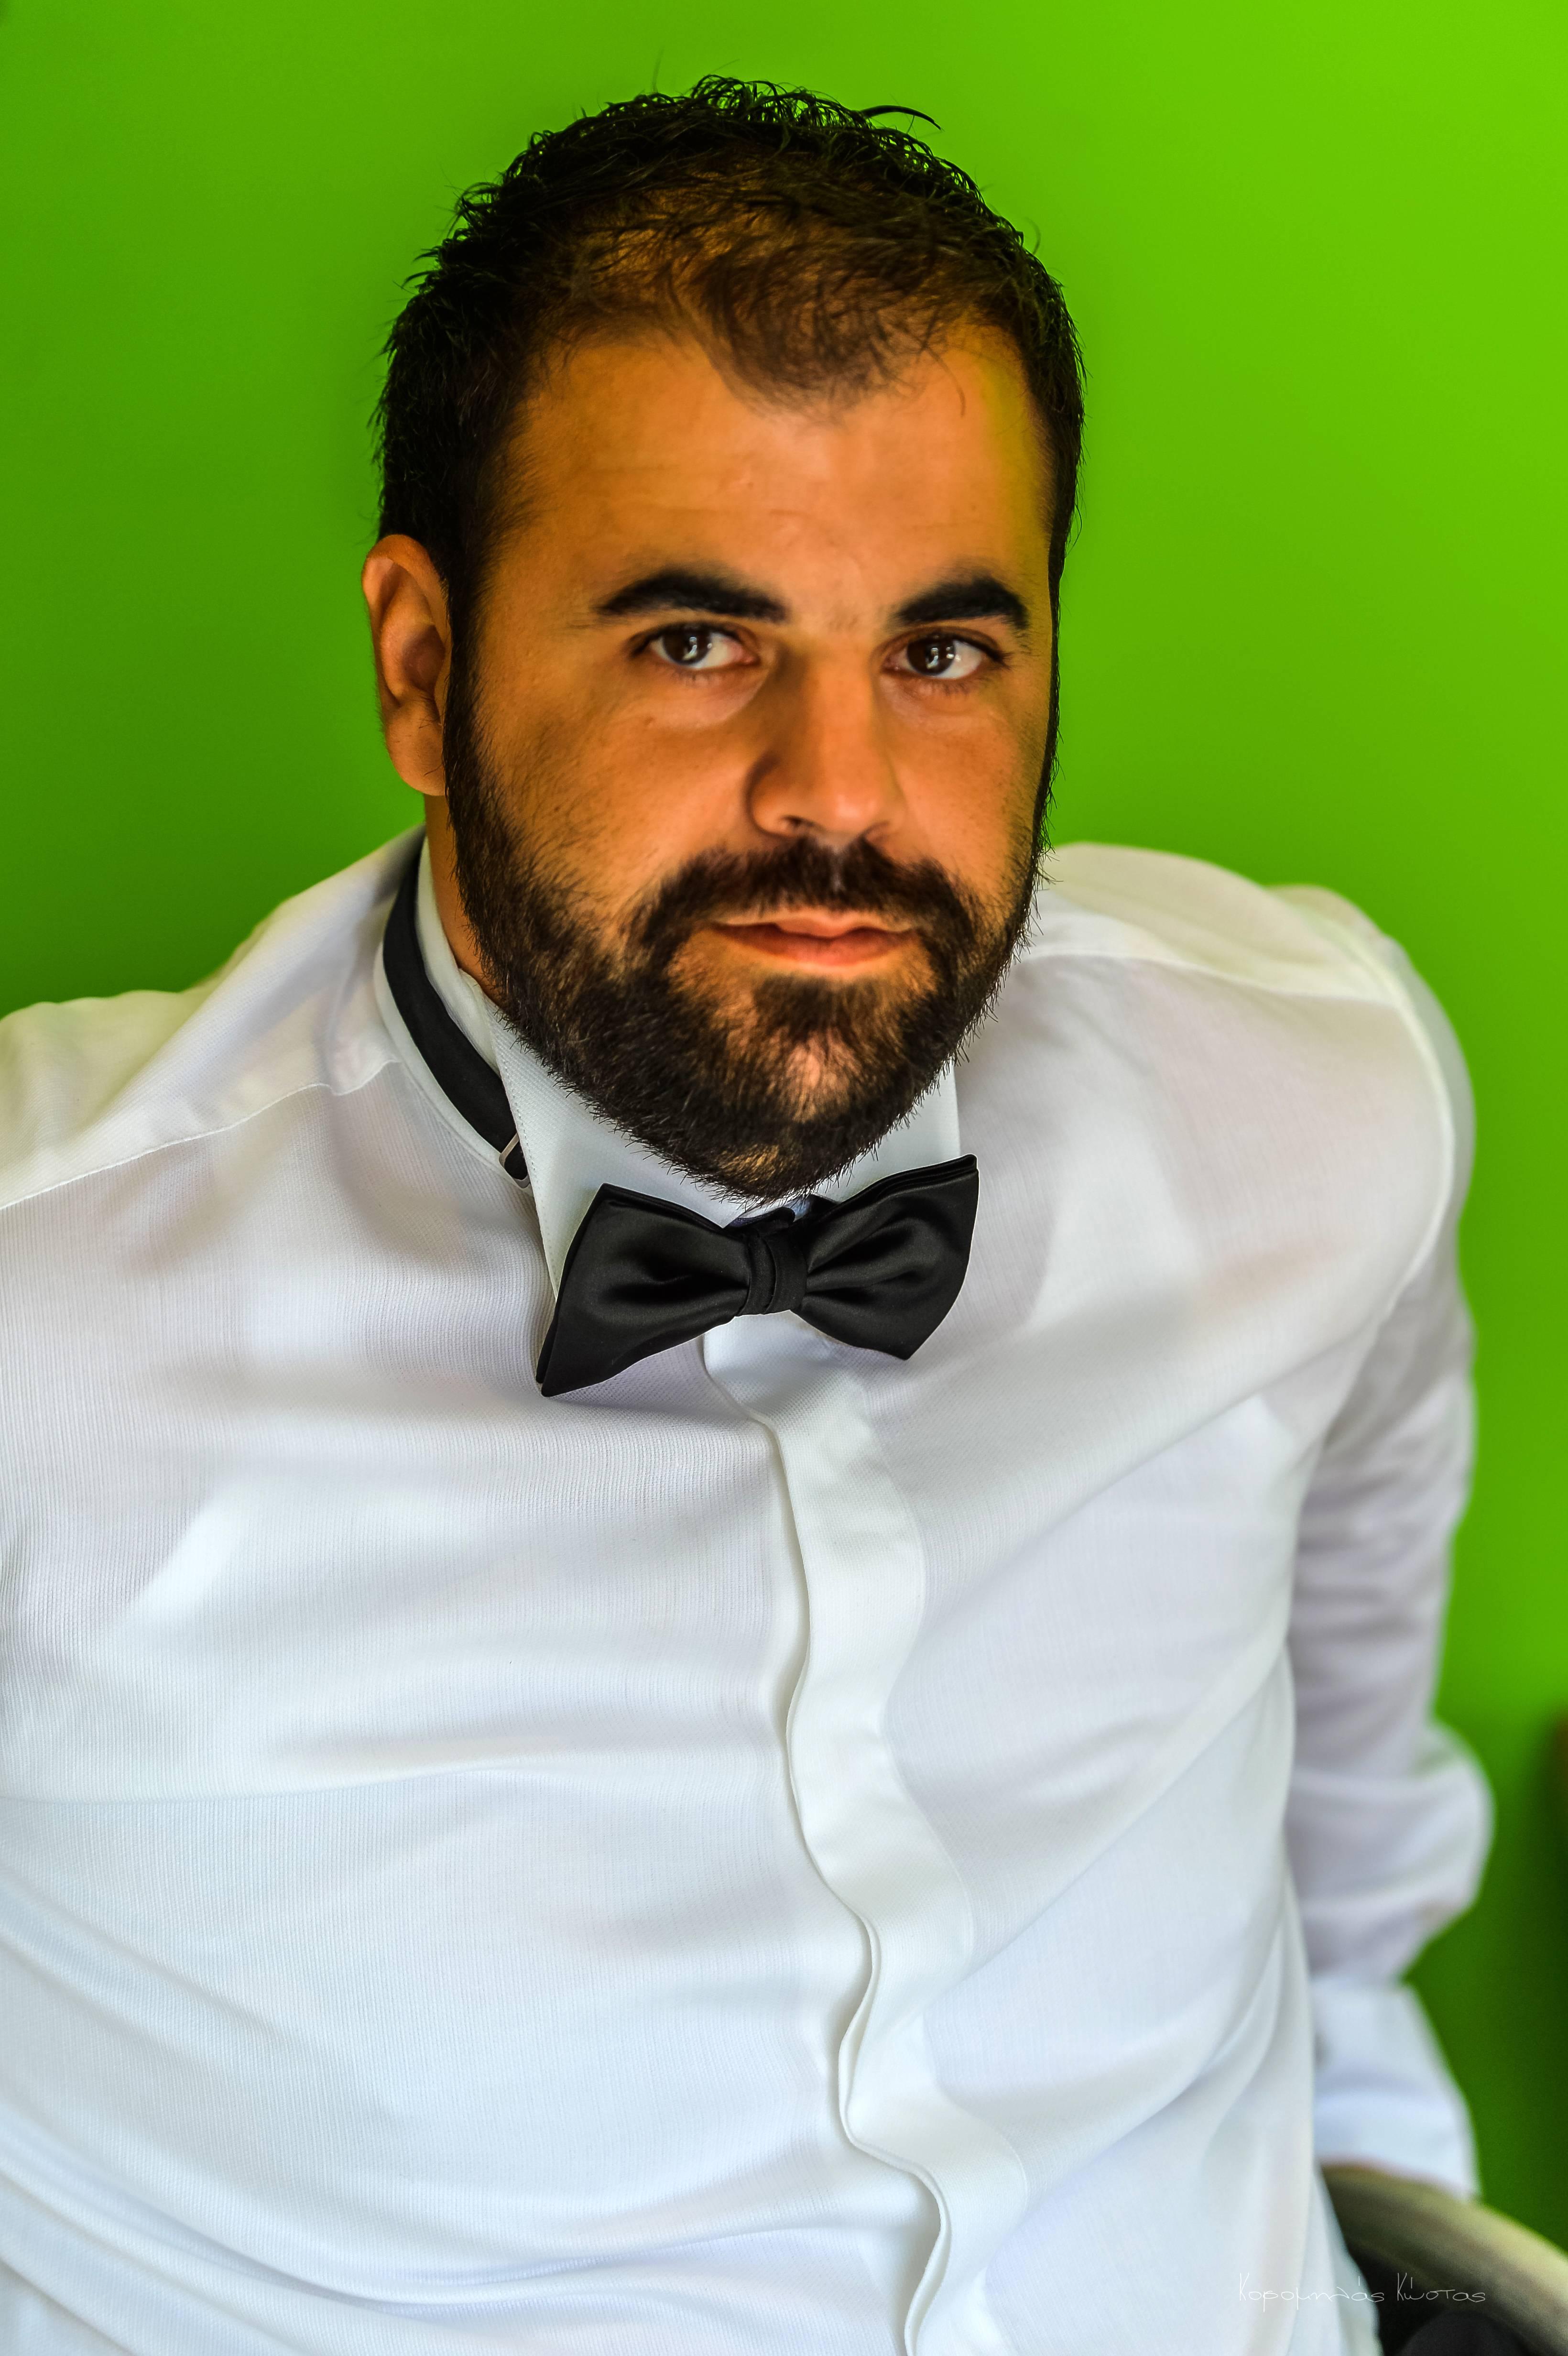 Νικολόπουλος Αριστομένης Ψυχολόγος